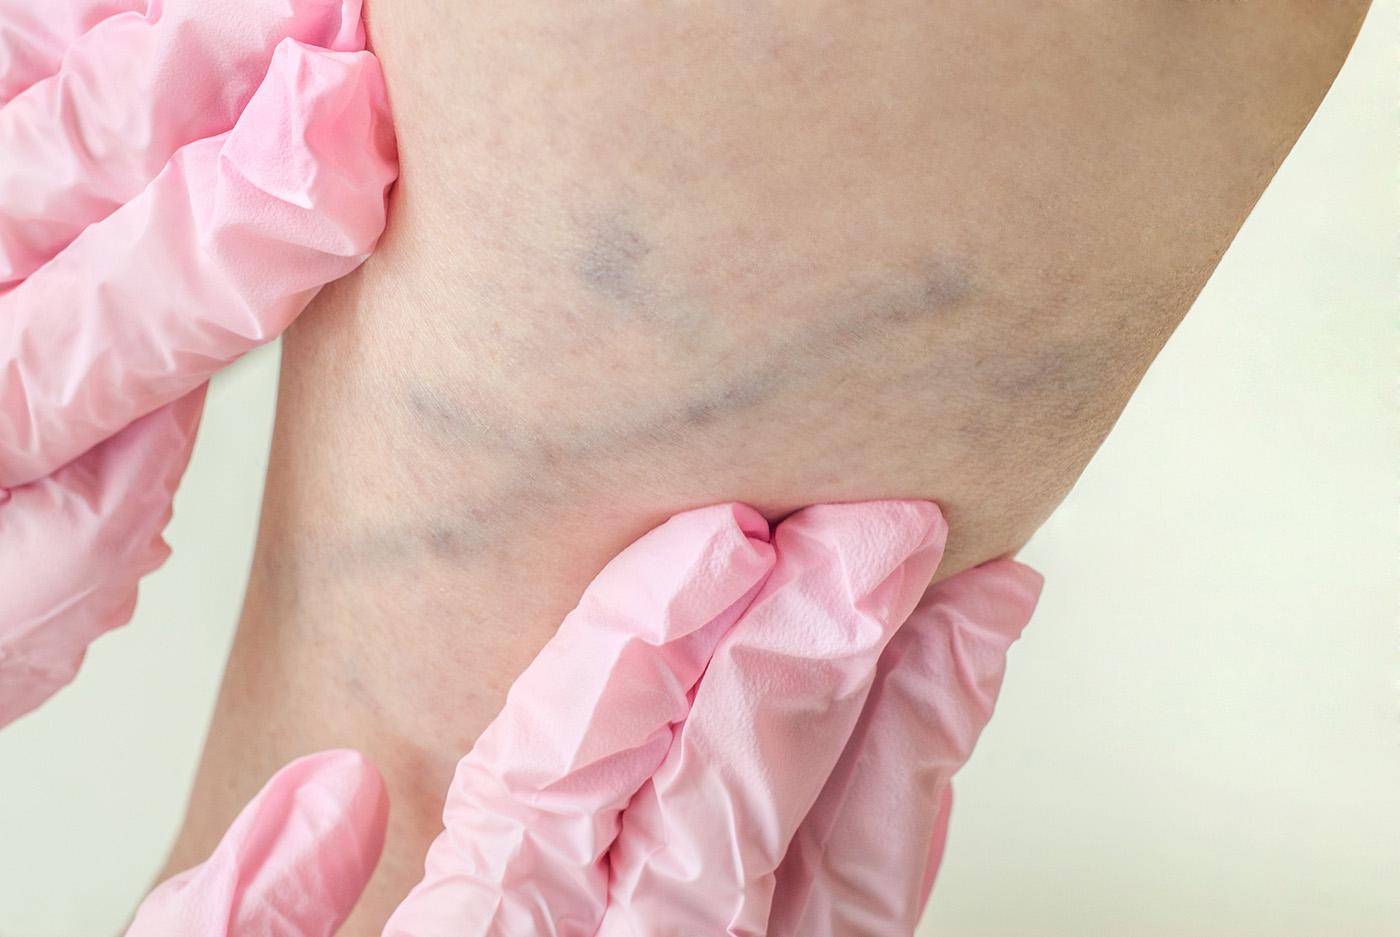 visszér, ahol a kezelést el kell kezdeni visszerek a lábakban okozzák és kezelik